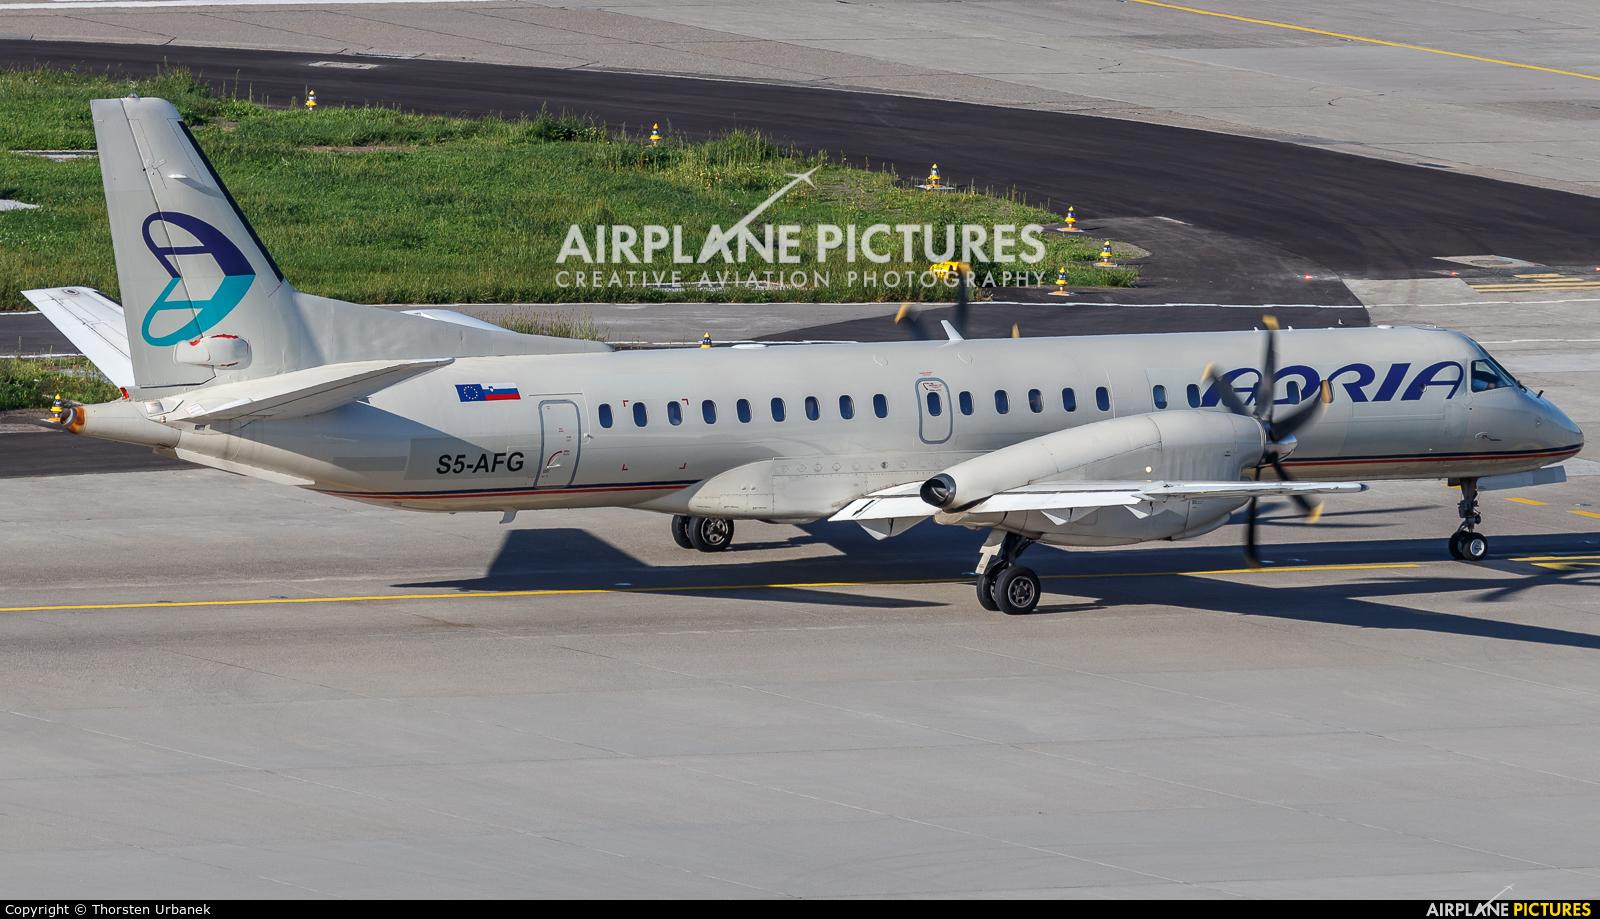 Adria Airways S5-AFG aircraft at Zurich